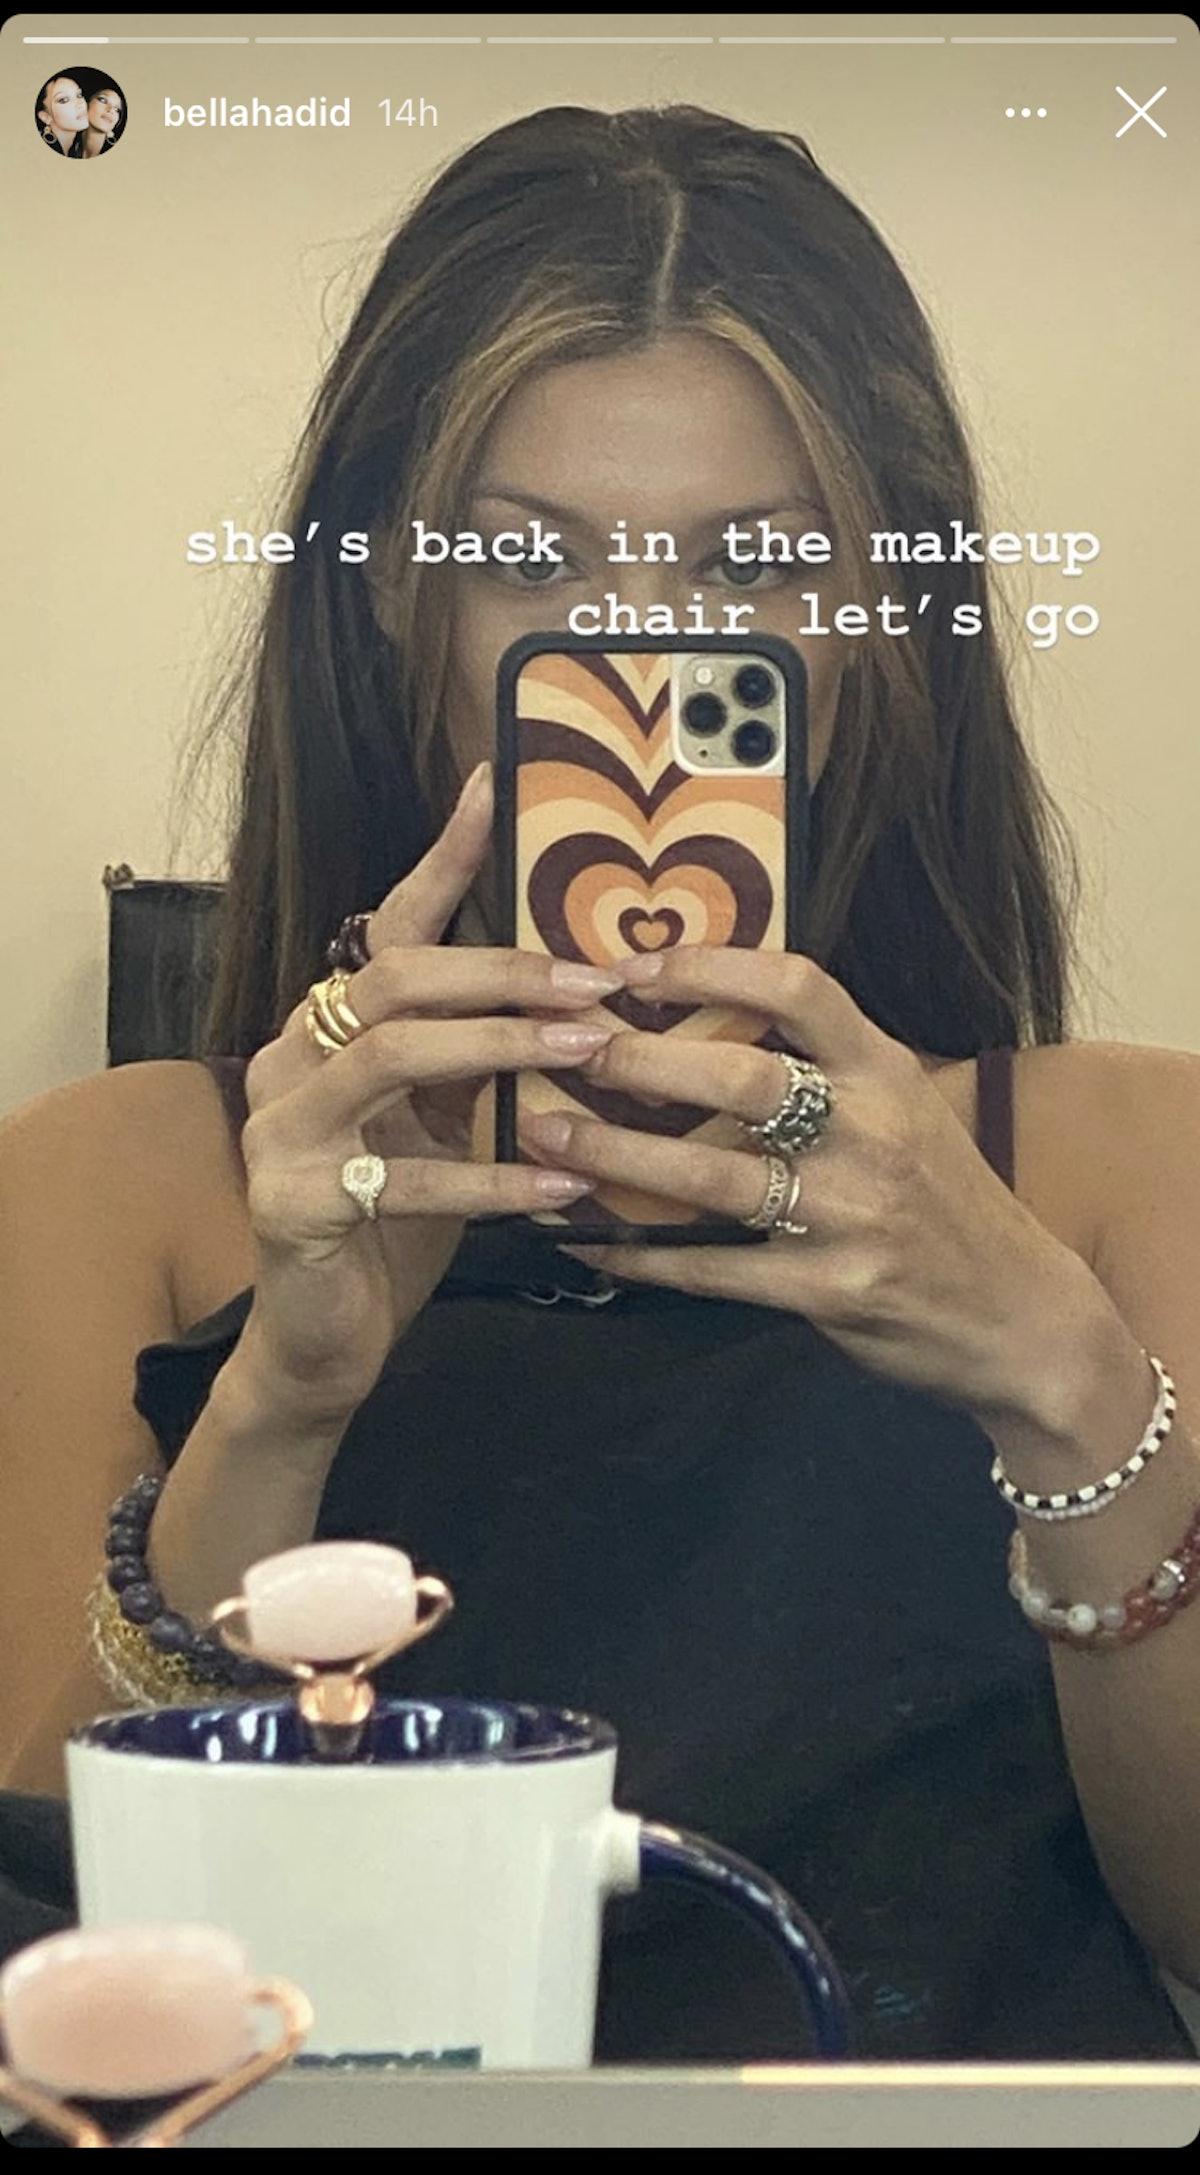 Bella Hadid in a mirror selfie showing off her new egirl hair.